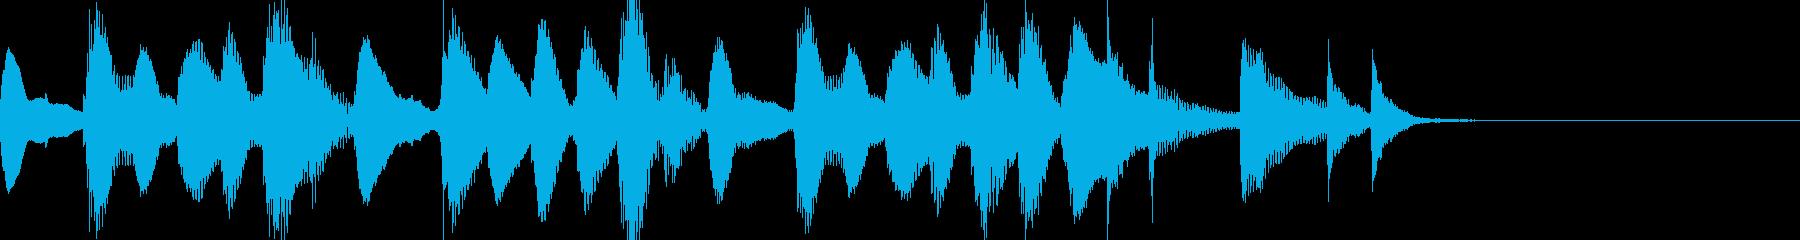 マリンバのジングル11の再生済みの波形